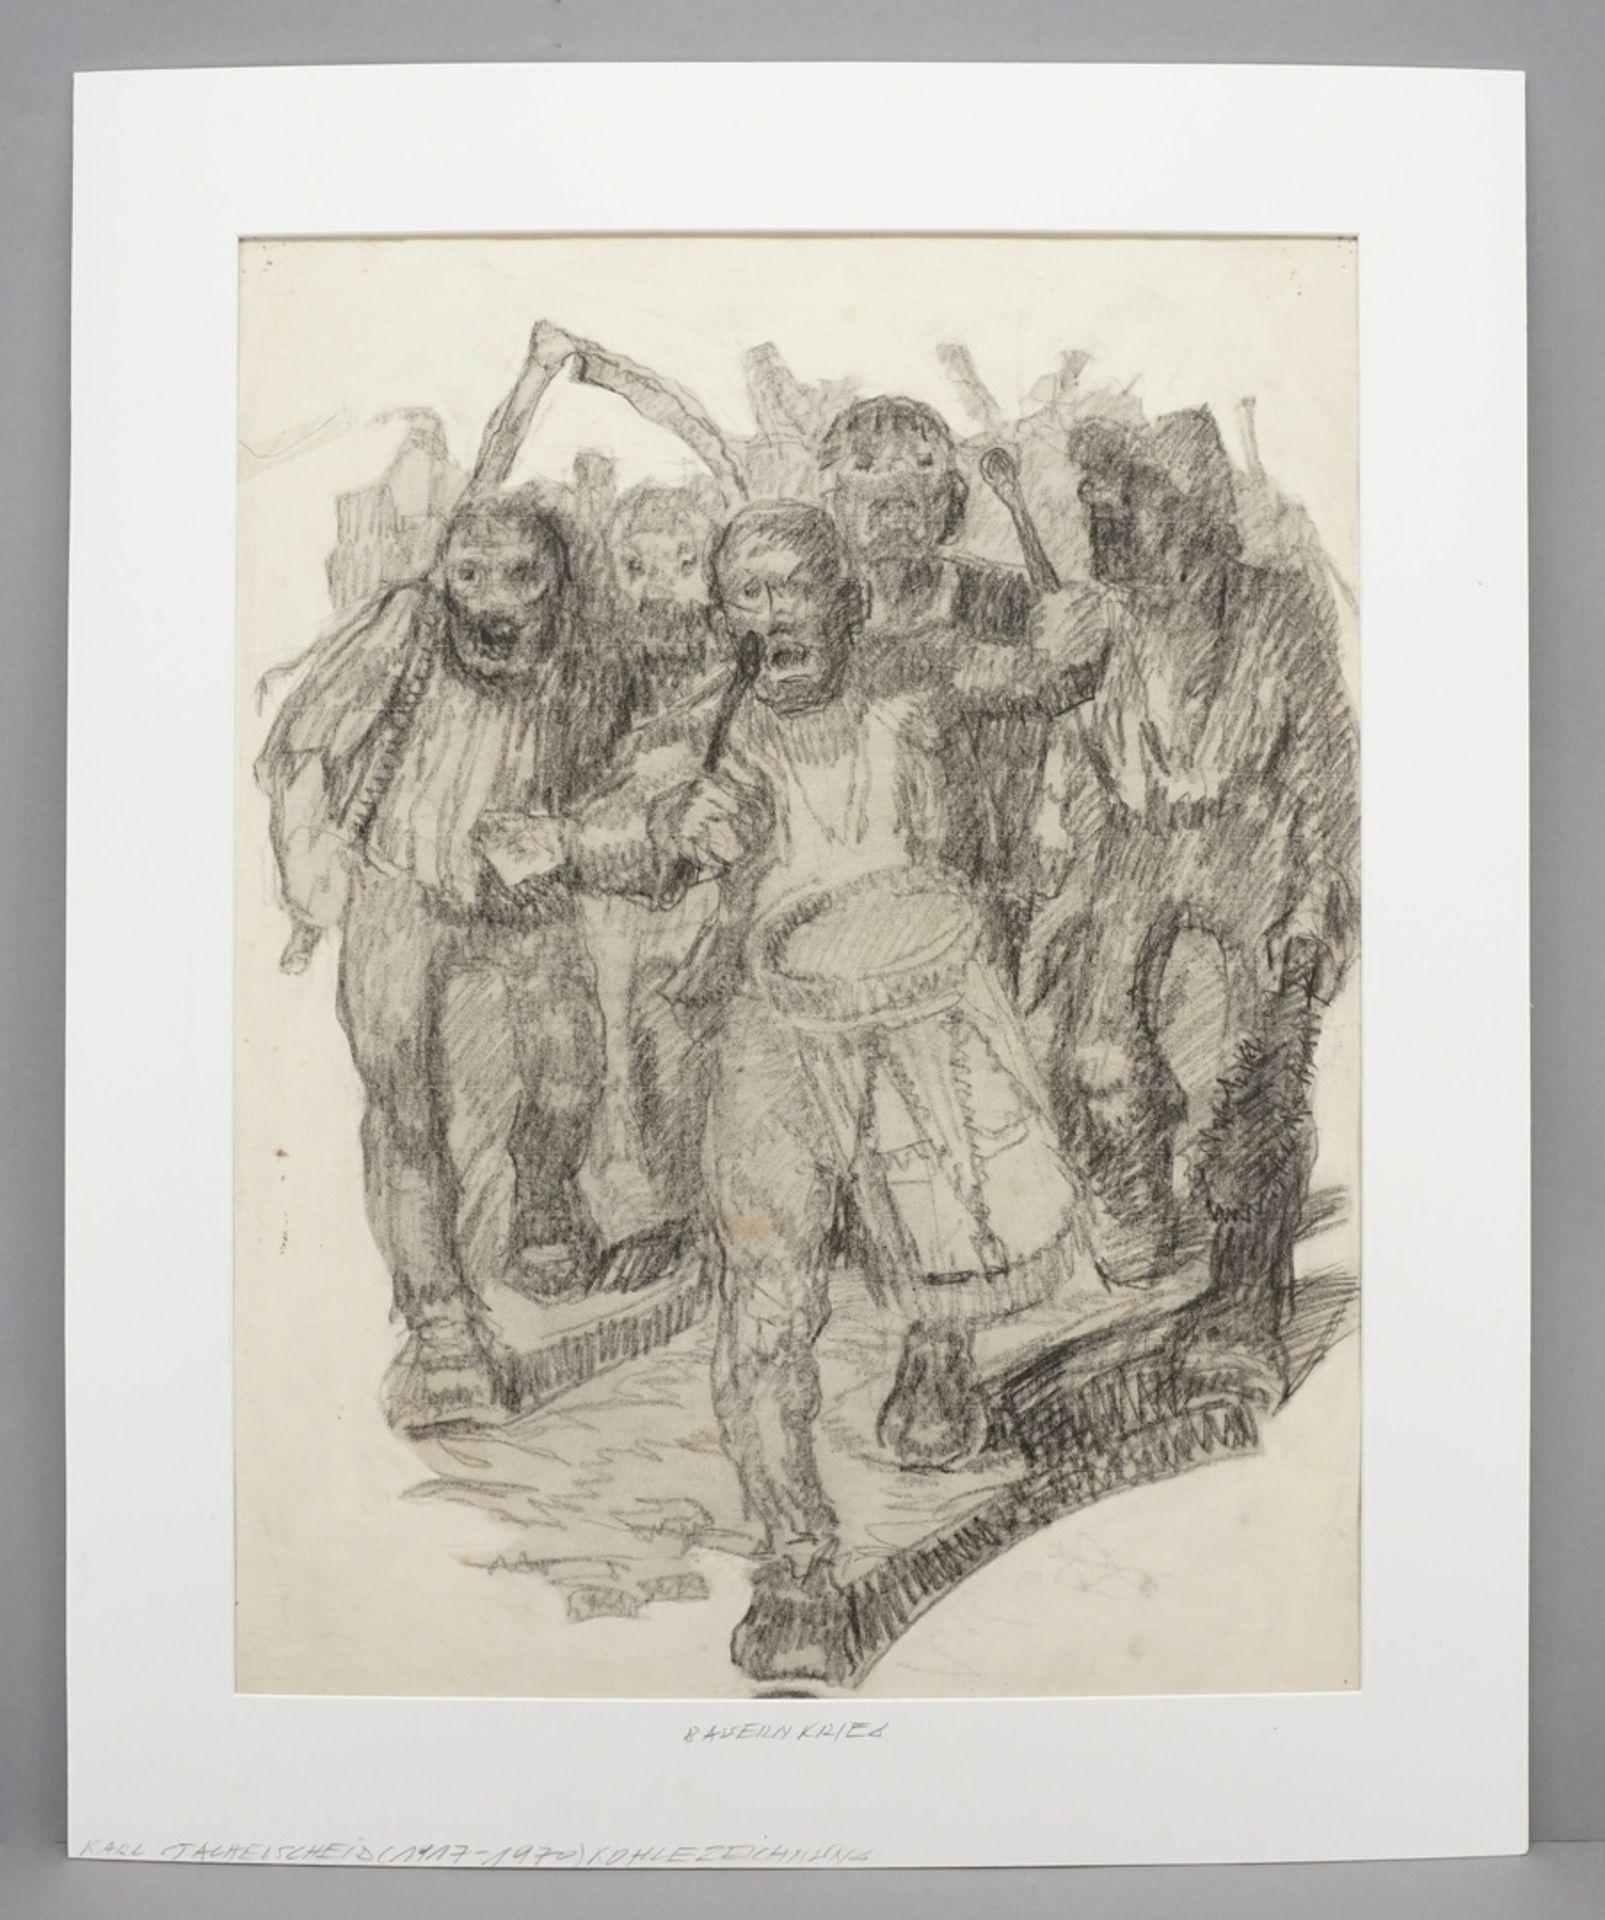 Karl Stachelscheid, Bauernkrieg - Bild 2 aus 3